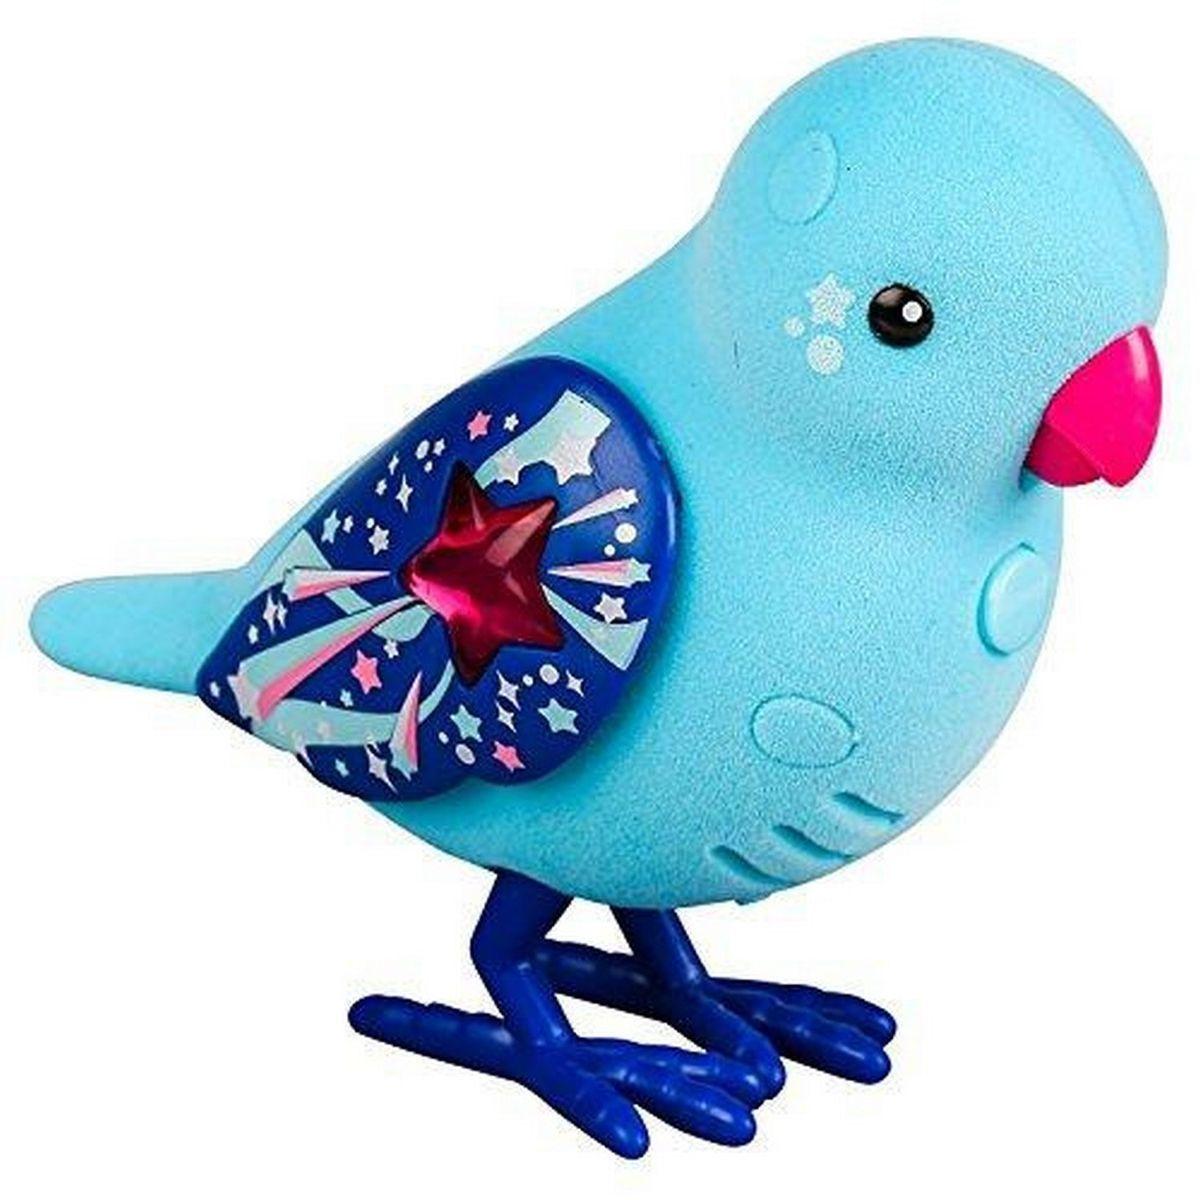 Little Live Pets Интерактивная игрушка Птичка цвет голубой красный28239/ast28232(28234,28235,28236,28237,28238,28239)Интерактивная птичка Little Live Pets порадует вас ярким видом и звонким пением. На брюшке птички находится переключатель включения-выключения. На спинке - сенсорный датчик. Если птичку погладить по голове, она споет для вас. В ее репертуаре 30 мелодий. В одиночестве она щебечет и тихо поет, чтобы на нее обратили внимание. Через полчаса в одиночестве птичка засыпает, чтобы разбудить ее, нужно нажать на кнопку на ее груди. Если эту кнопку удерживать, птичка повторит за вами произнесенную фразу. У птички двигаются лапки, и она взмахивает своими крылышками. Это замечательный подарок для тех, кто по каким-то причинам не может завезти в доме настоящую птичку. Игрушка изготовлена из высококачественного пластика, обтянутого приятным на ощупь флоком. Ребенок с радостью будет брать с собой на прогулку своего питомца, ведь он помещается в маленькой ладони малыша. Для работы требуются 2 батарейки типа AАА (не входят в комплект).